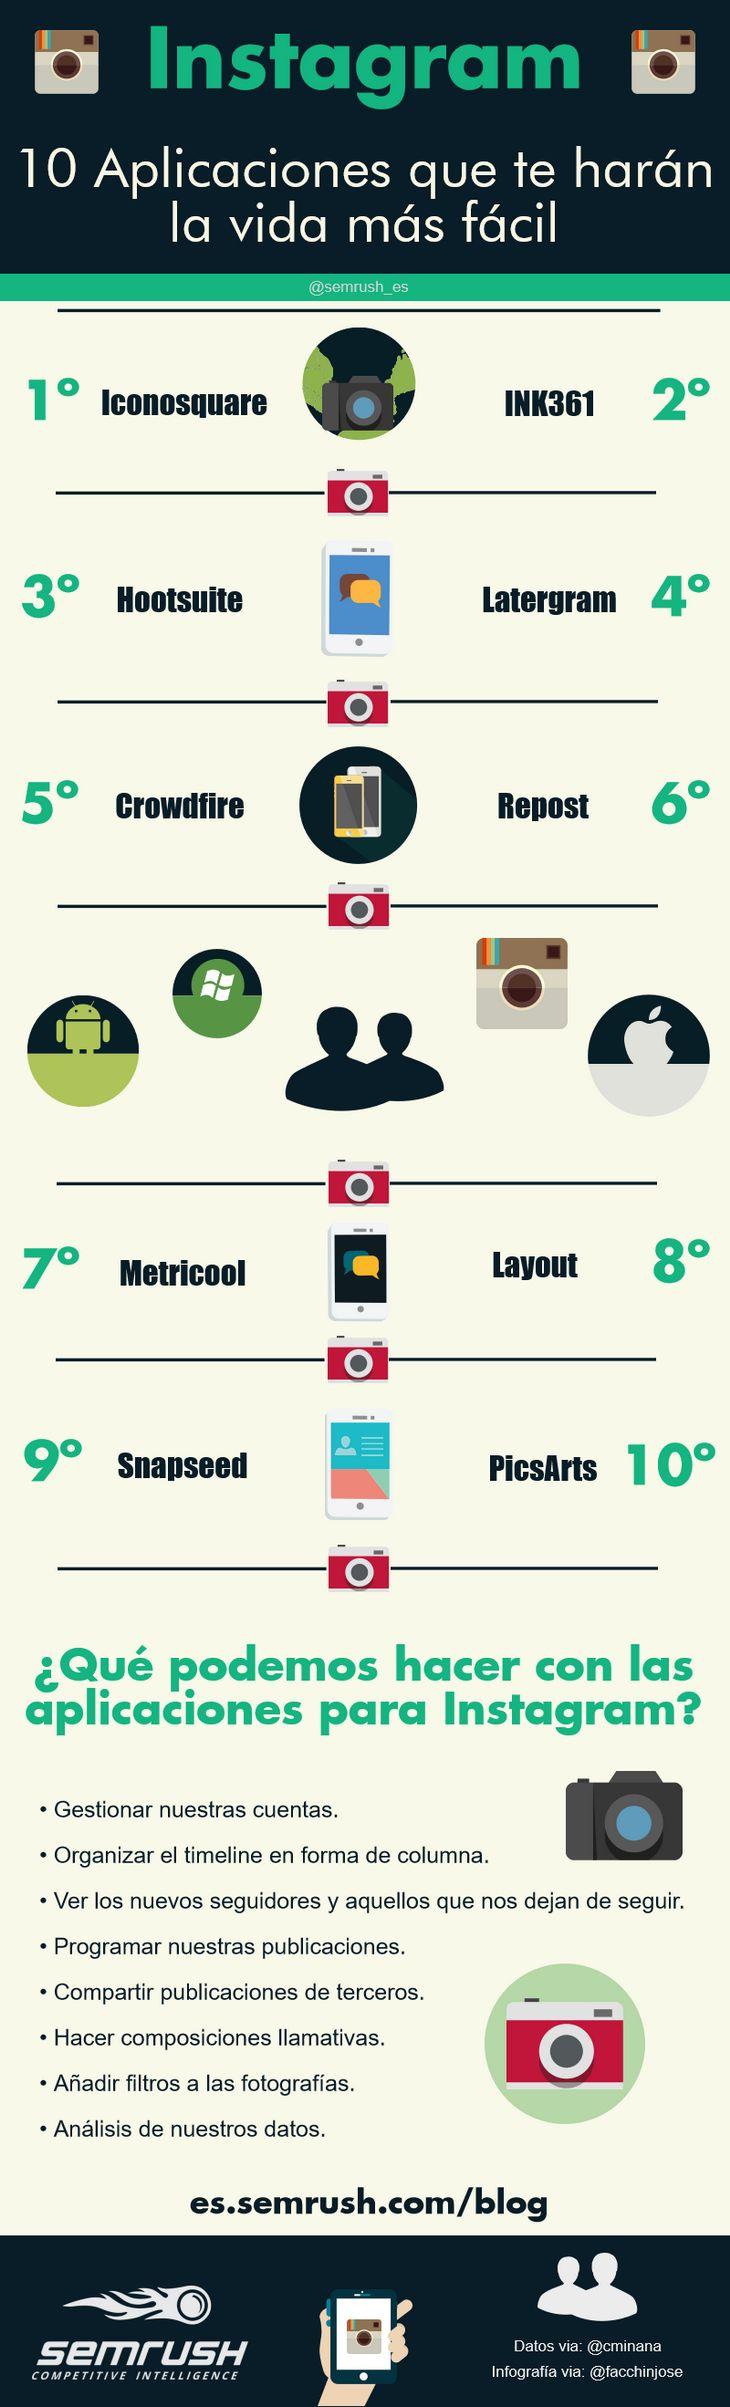 Mi pequeños aportes: 10 aplicaciones interesantes para Instagram que de...  Aquí les dejo una infografía con 10 aplicaciones para Instagram que deberías probar. #Infografia #SocialMedia #RRSS